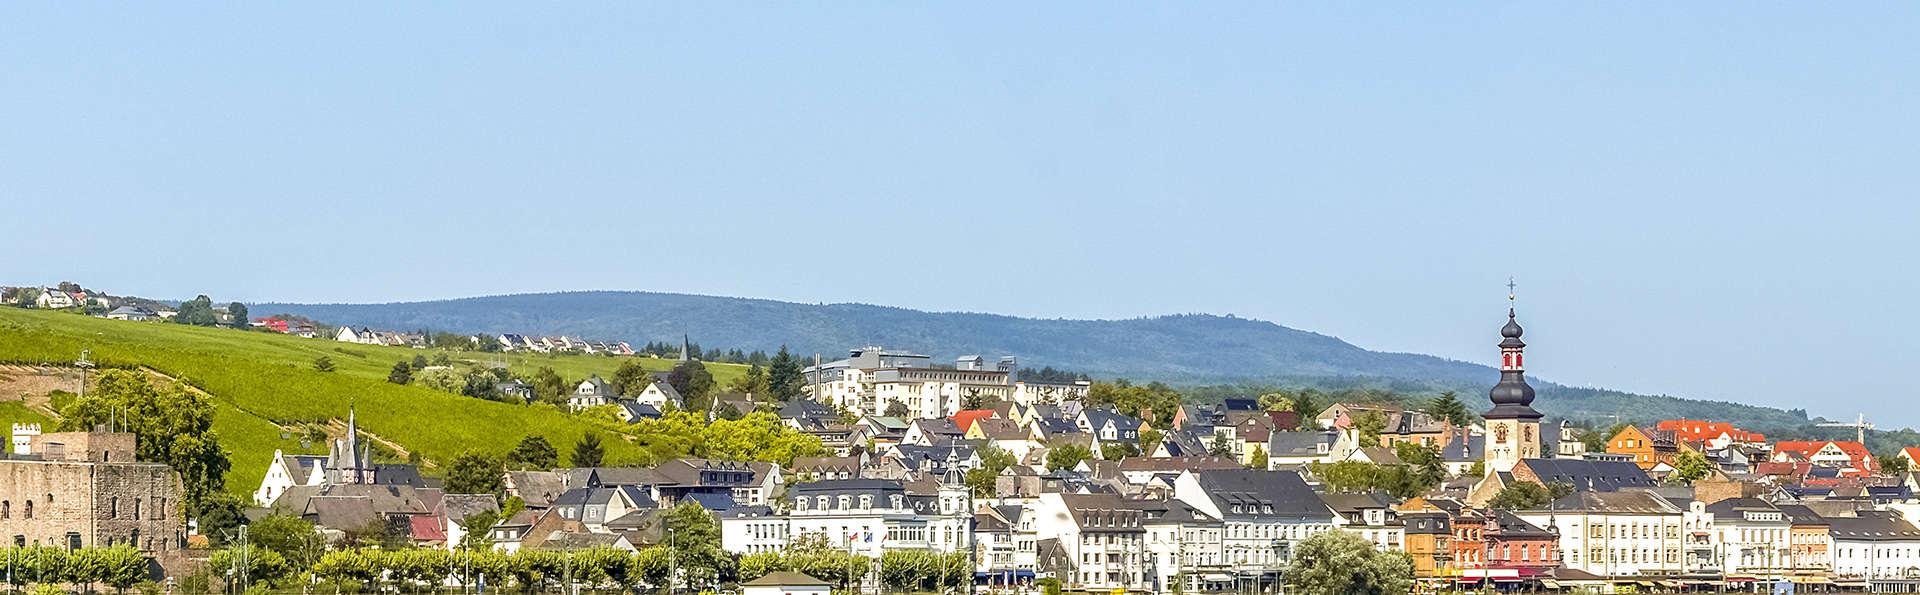 Breuer's Rüdesheimer Schloss - Edit_Rudesheim-am-Rhein.jpg